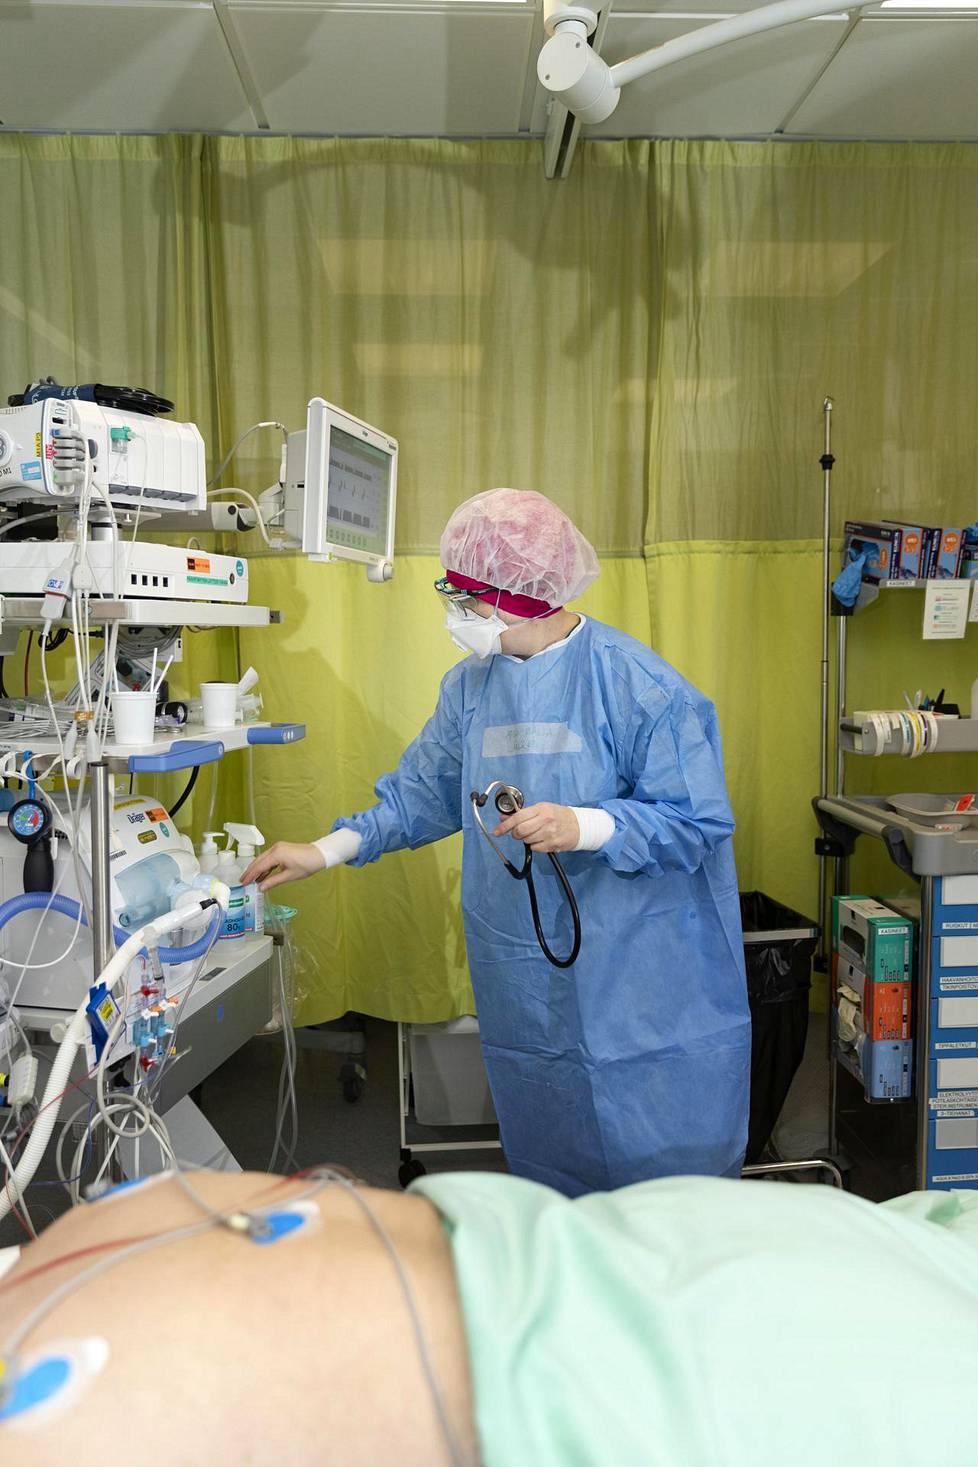 Potilaaseen on kiinnitetty EKG-laitteen sensorit. Hengityskoneen yläpuolella oleva laitteisto on potilasvalvontamonitorin datayksikkö, joka kerää potilaasta kerätyn tiedon.